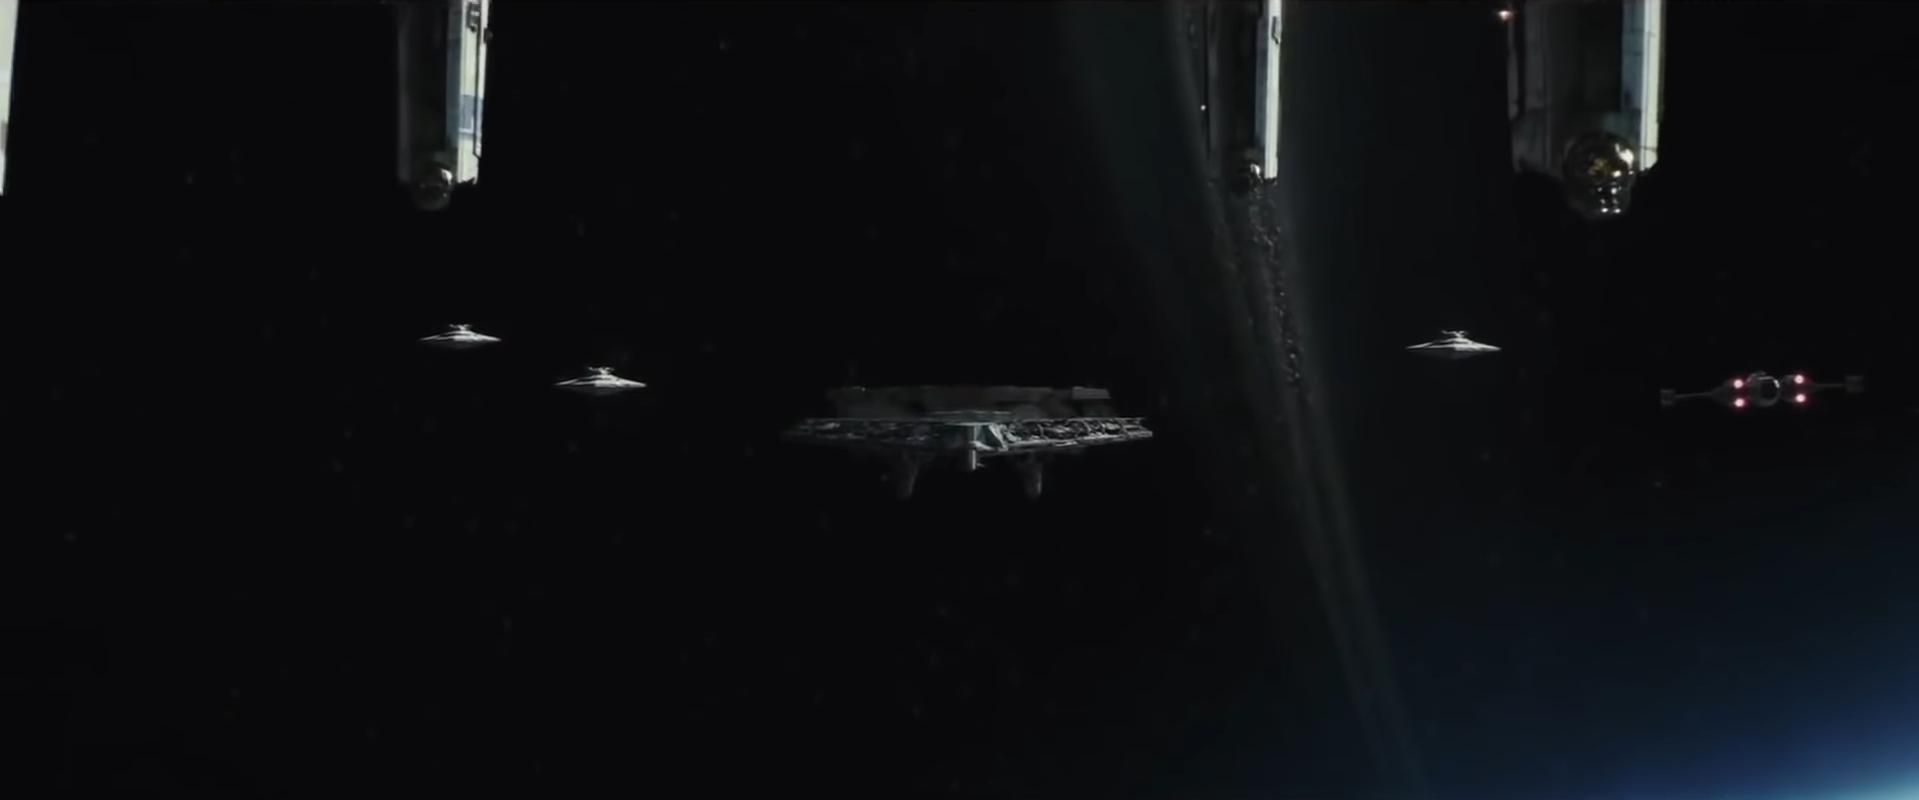 LastJedi - 2Ships